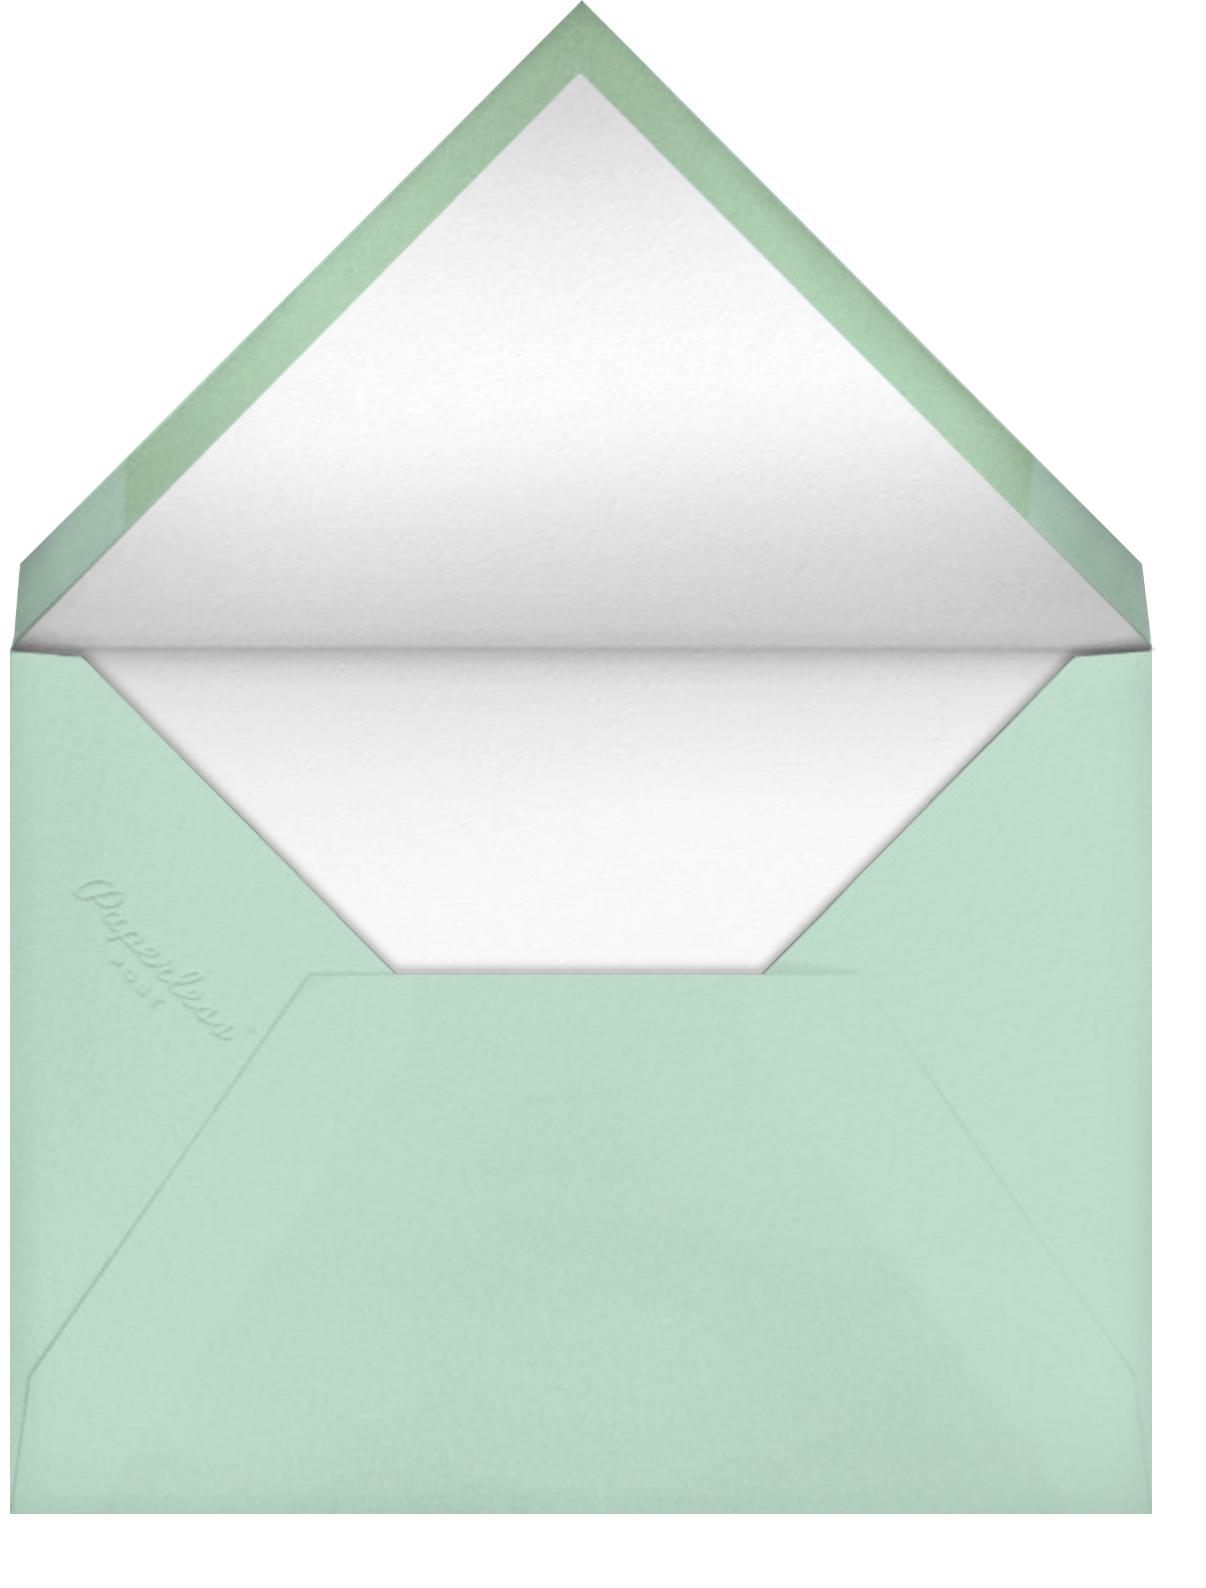 Scalloped Stripes - Red - Ashley G - null - envelope back